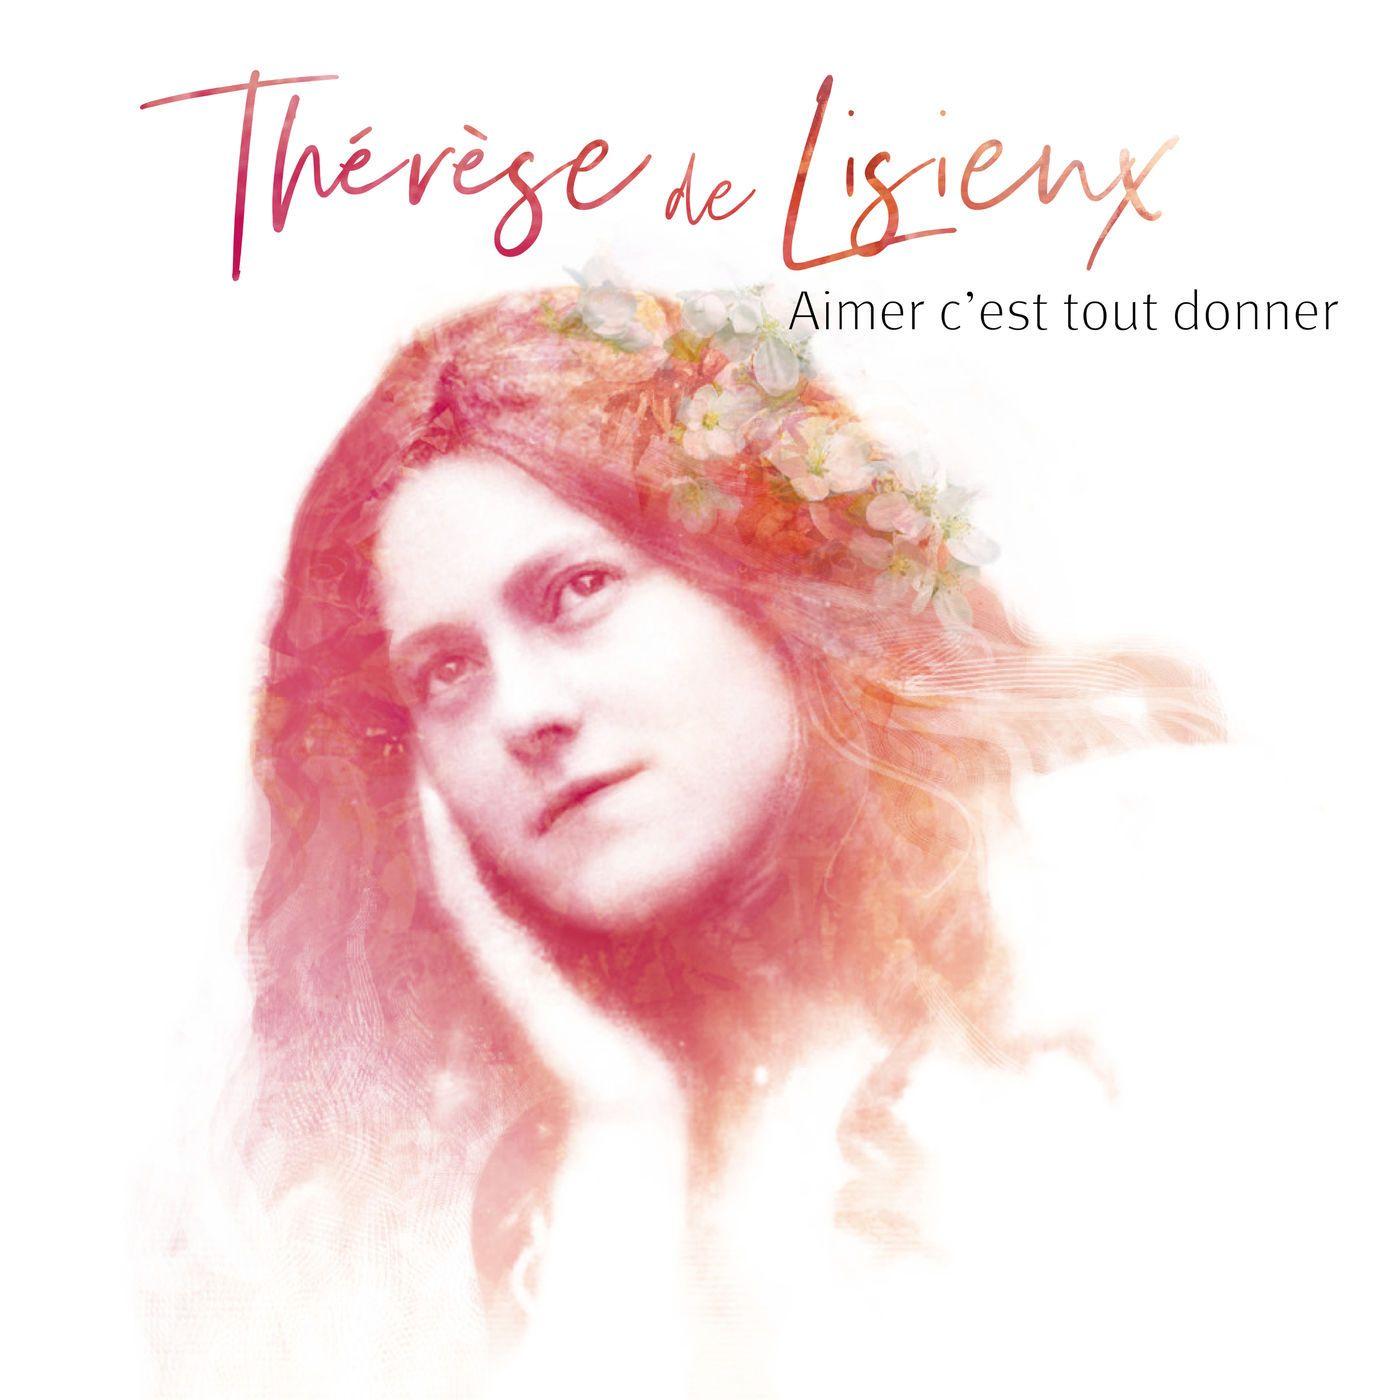 Natasha St-pier - Aimer C'est Tout Donner - Thérèse De Lisieux album cover